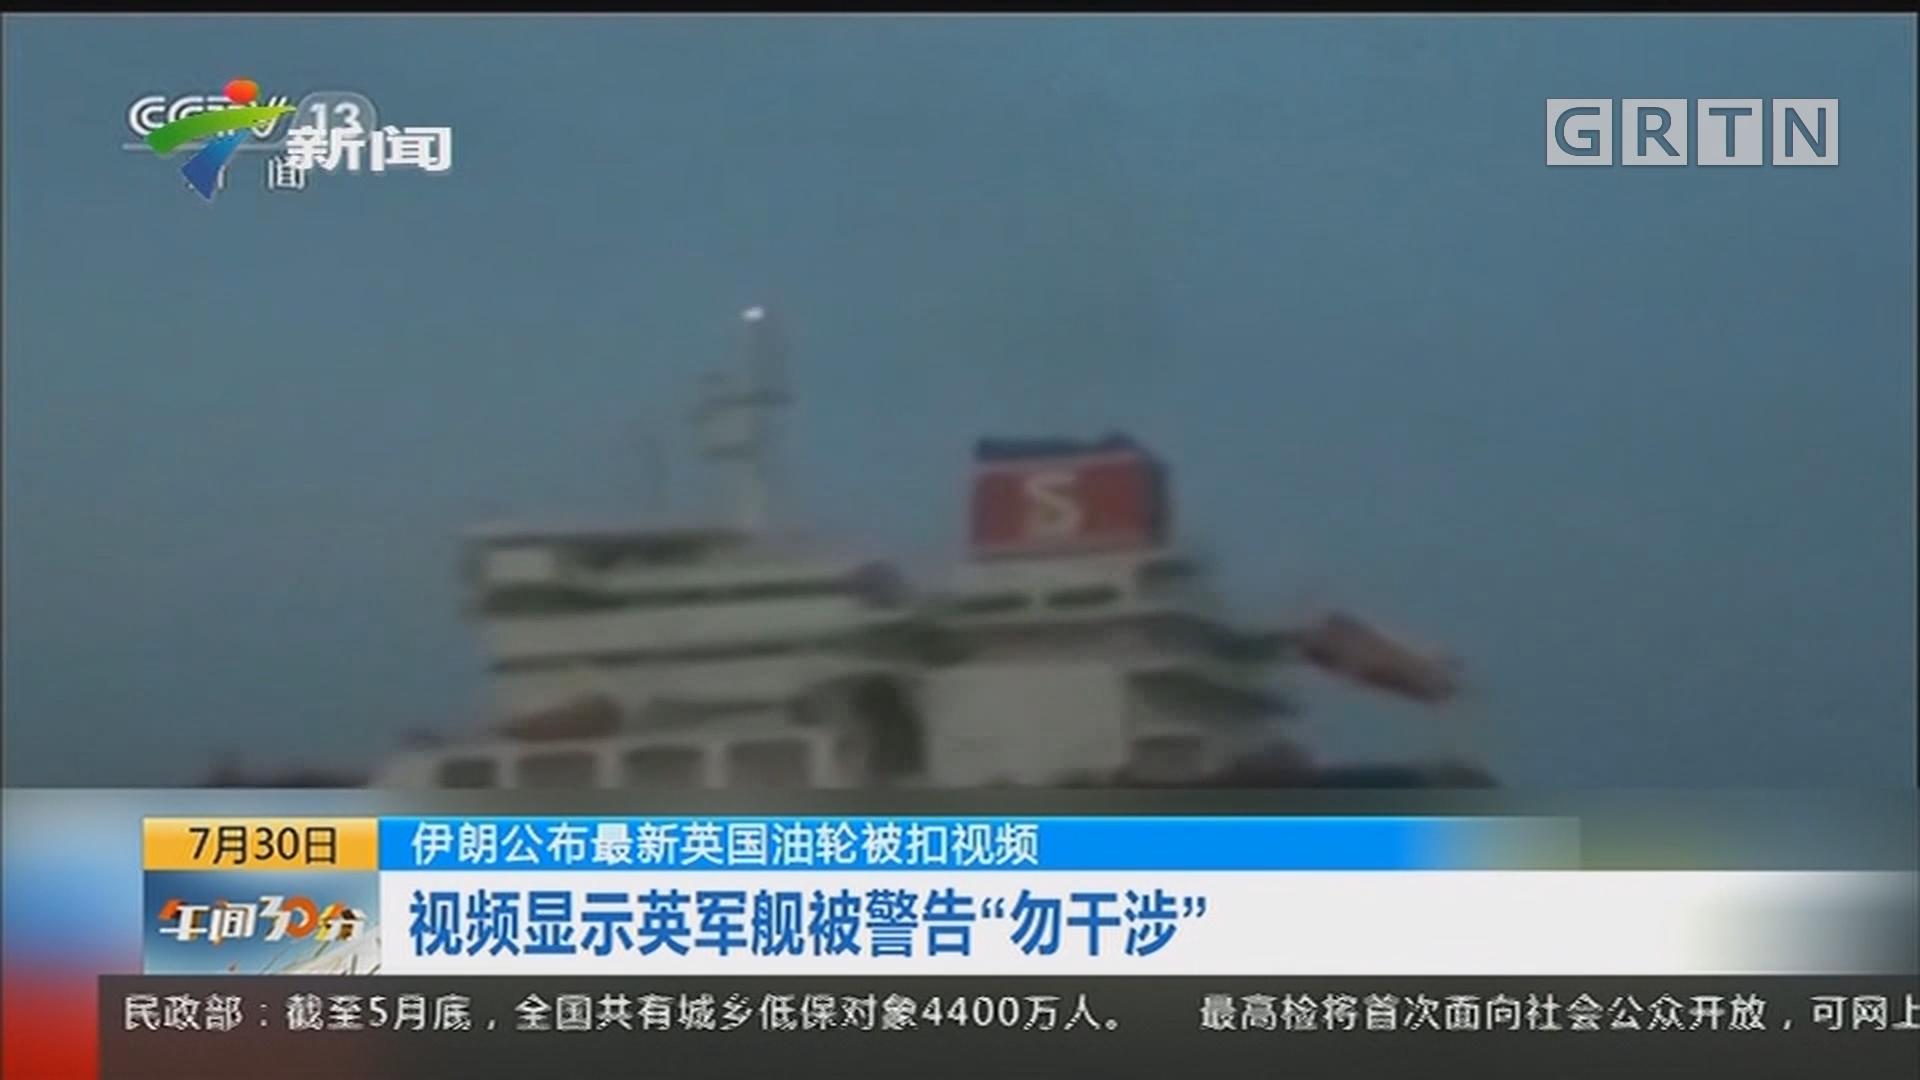 """伊朗公布最新英国游轮被扣视频:视频显示英军舰被警告""""勿干涉"""""""